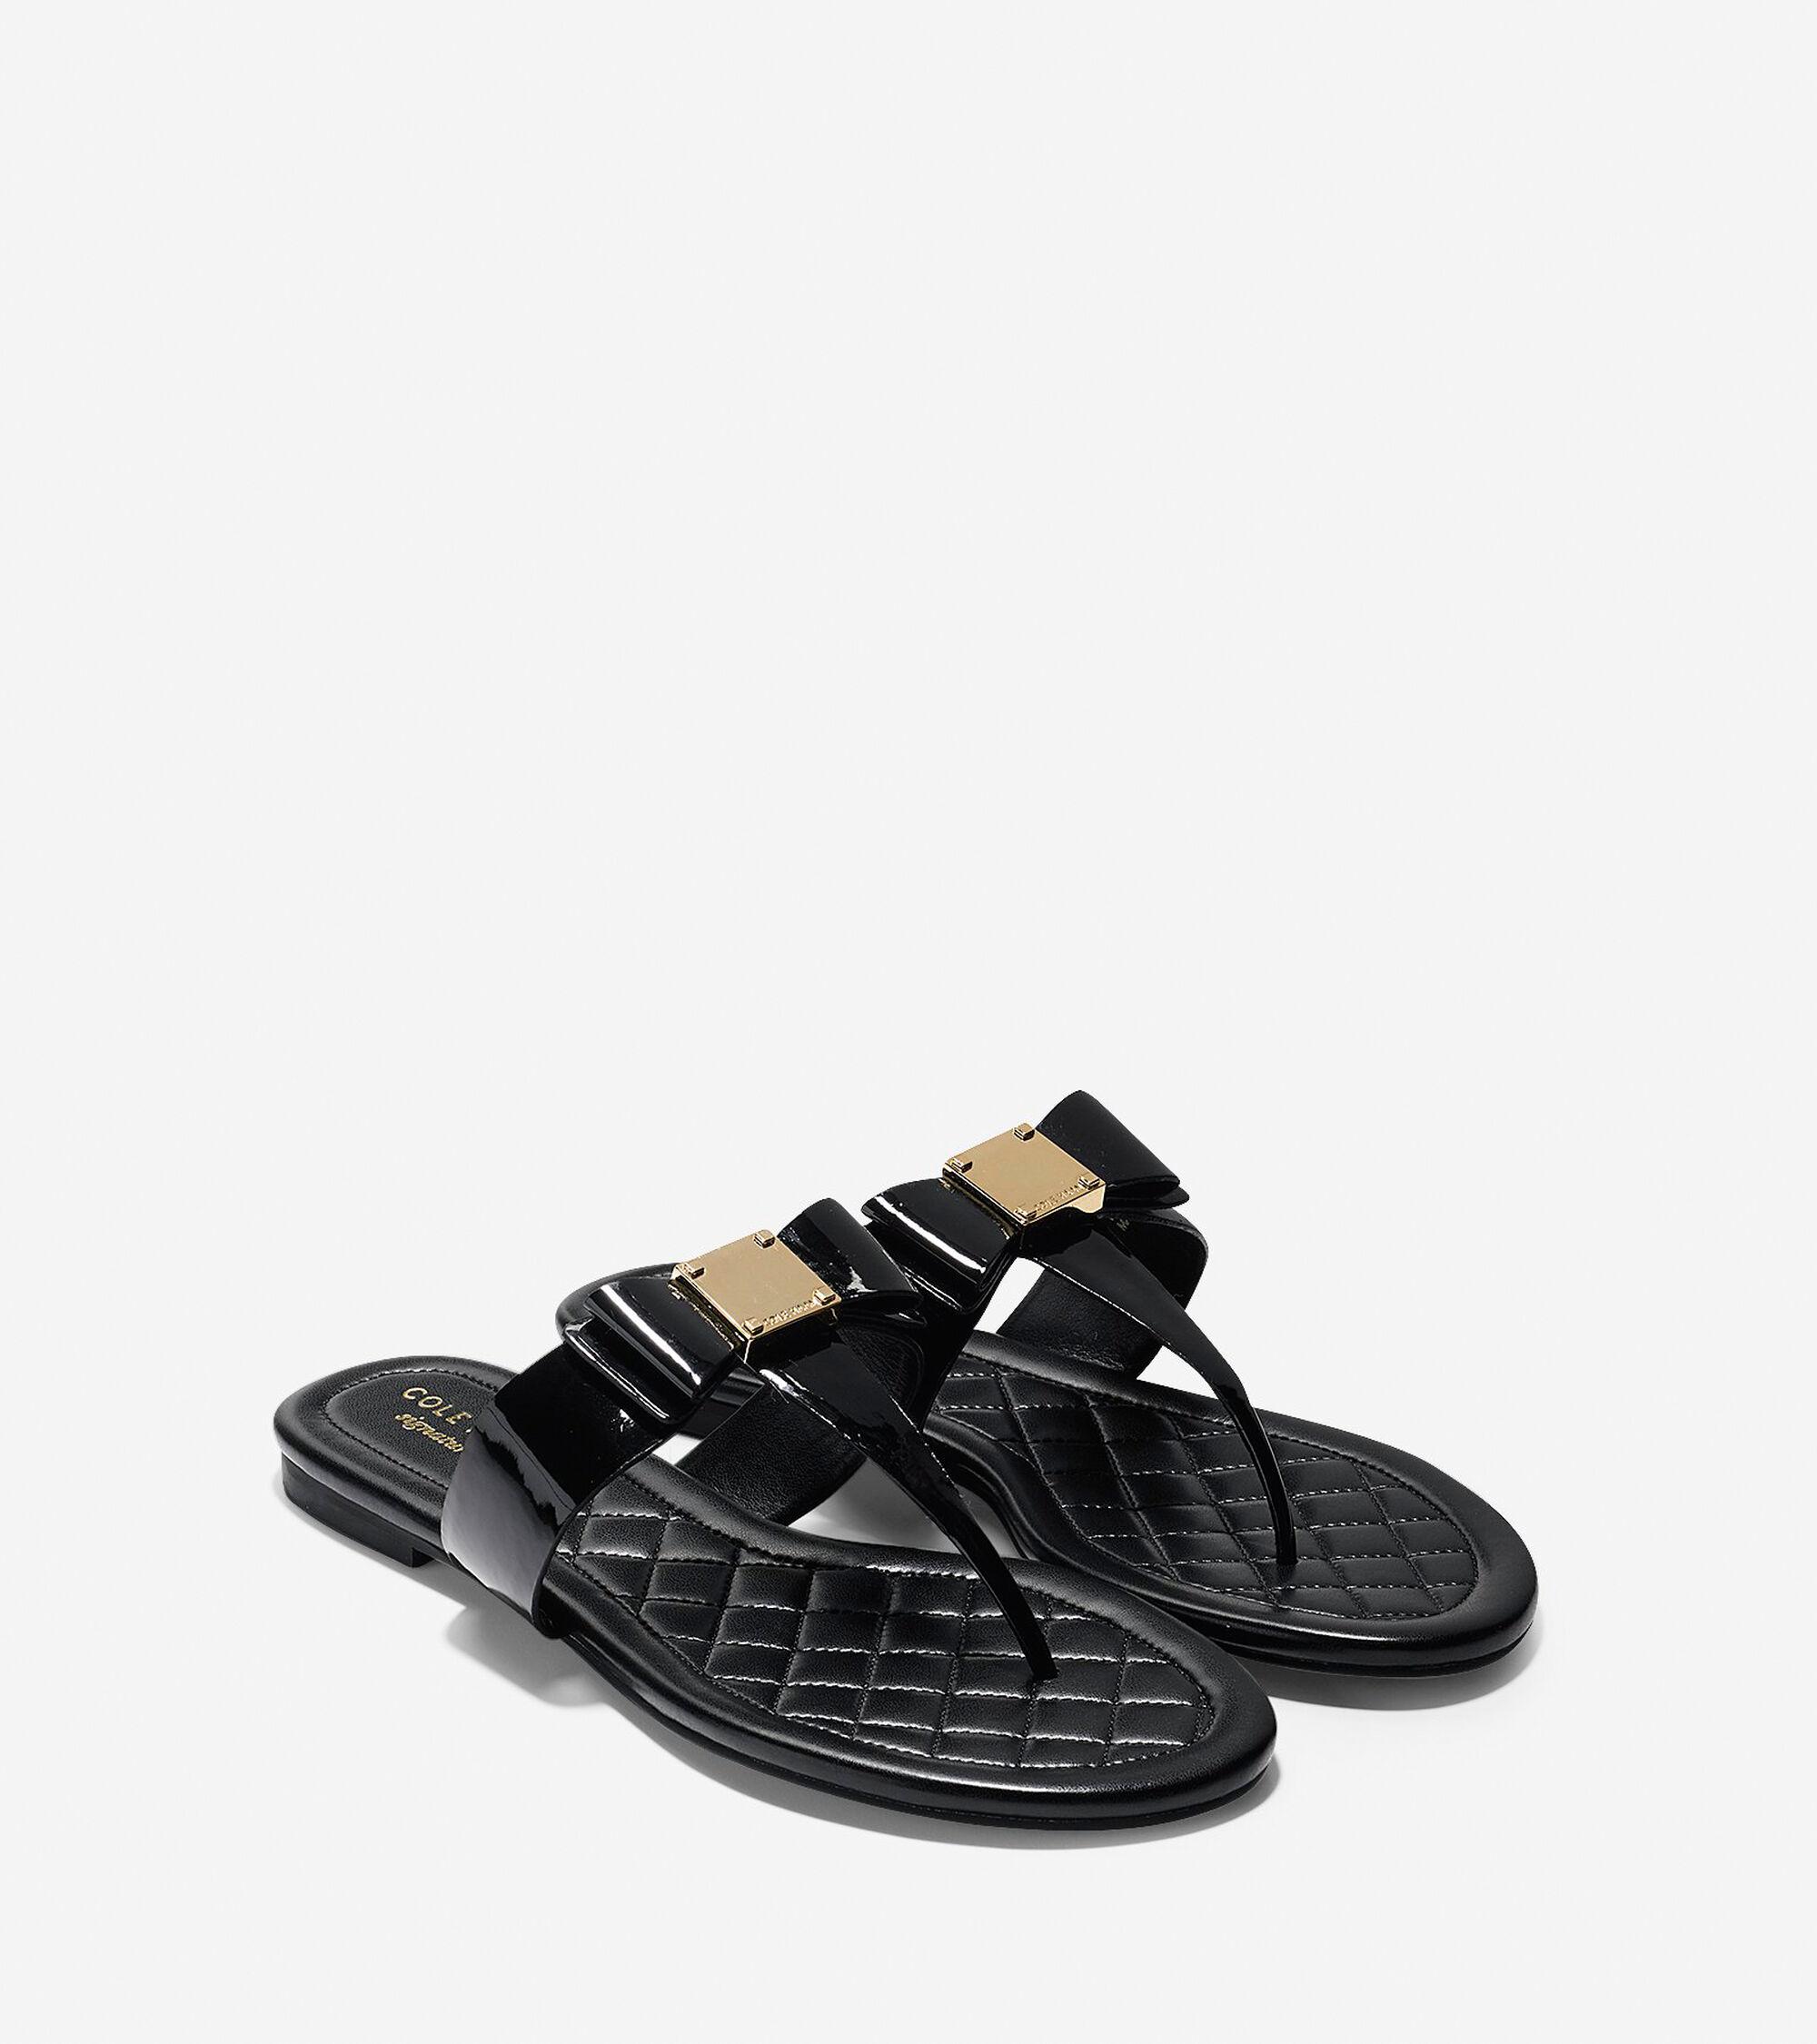 d37c00085 Womens Tali Bow Flat Sandals in Black Patent